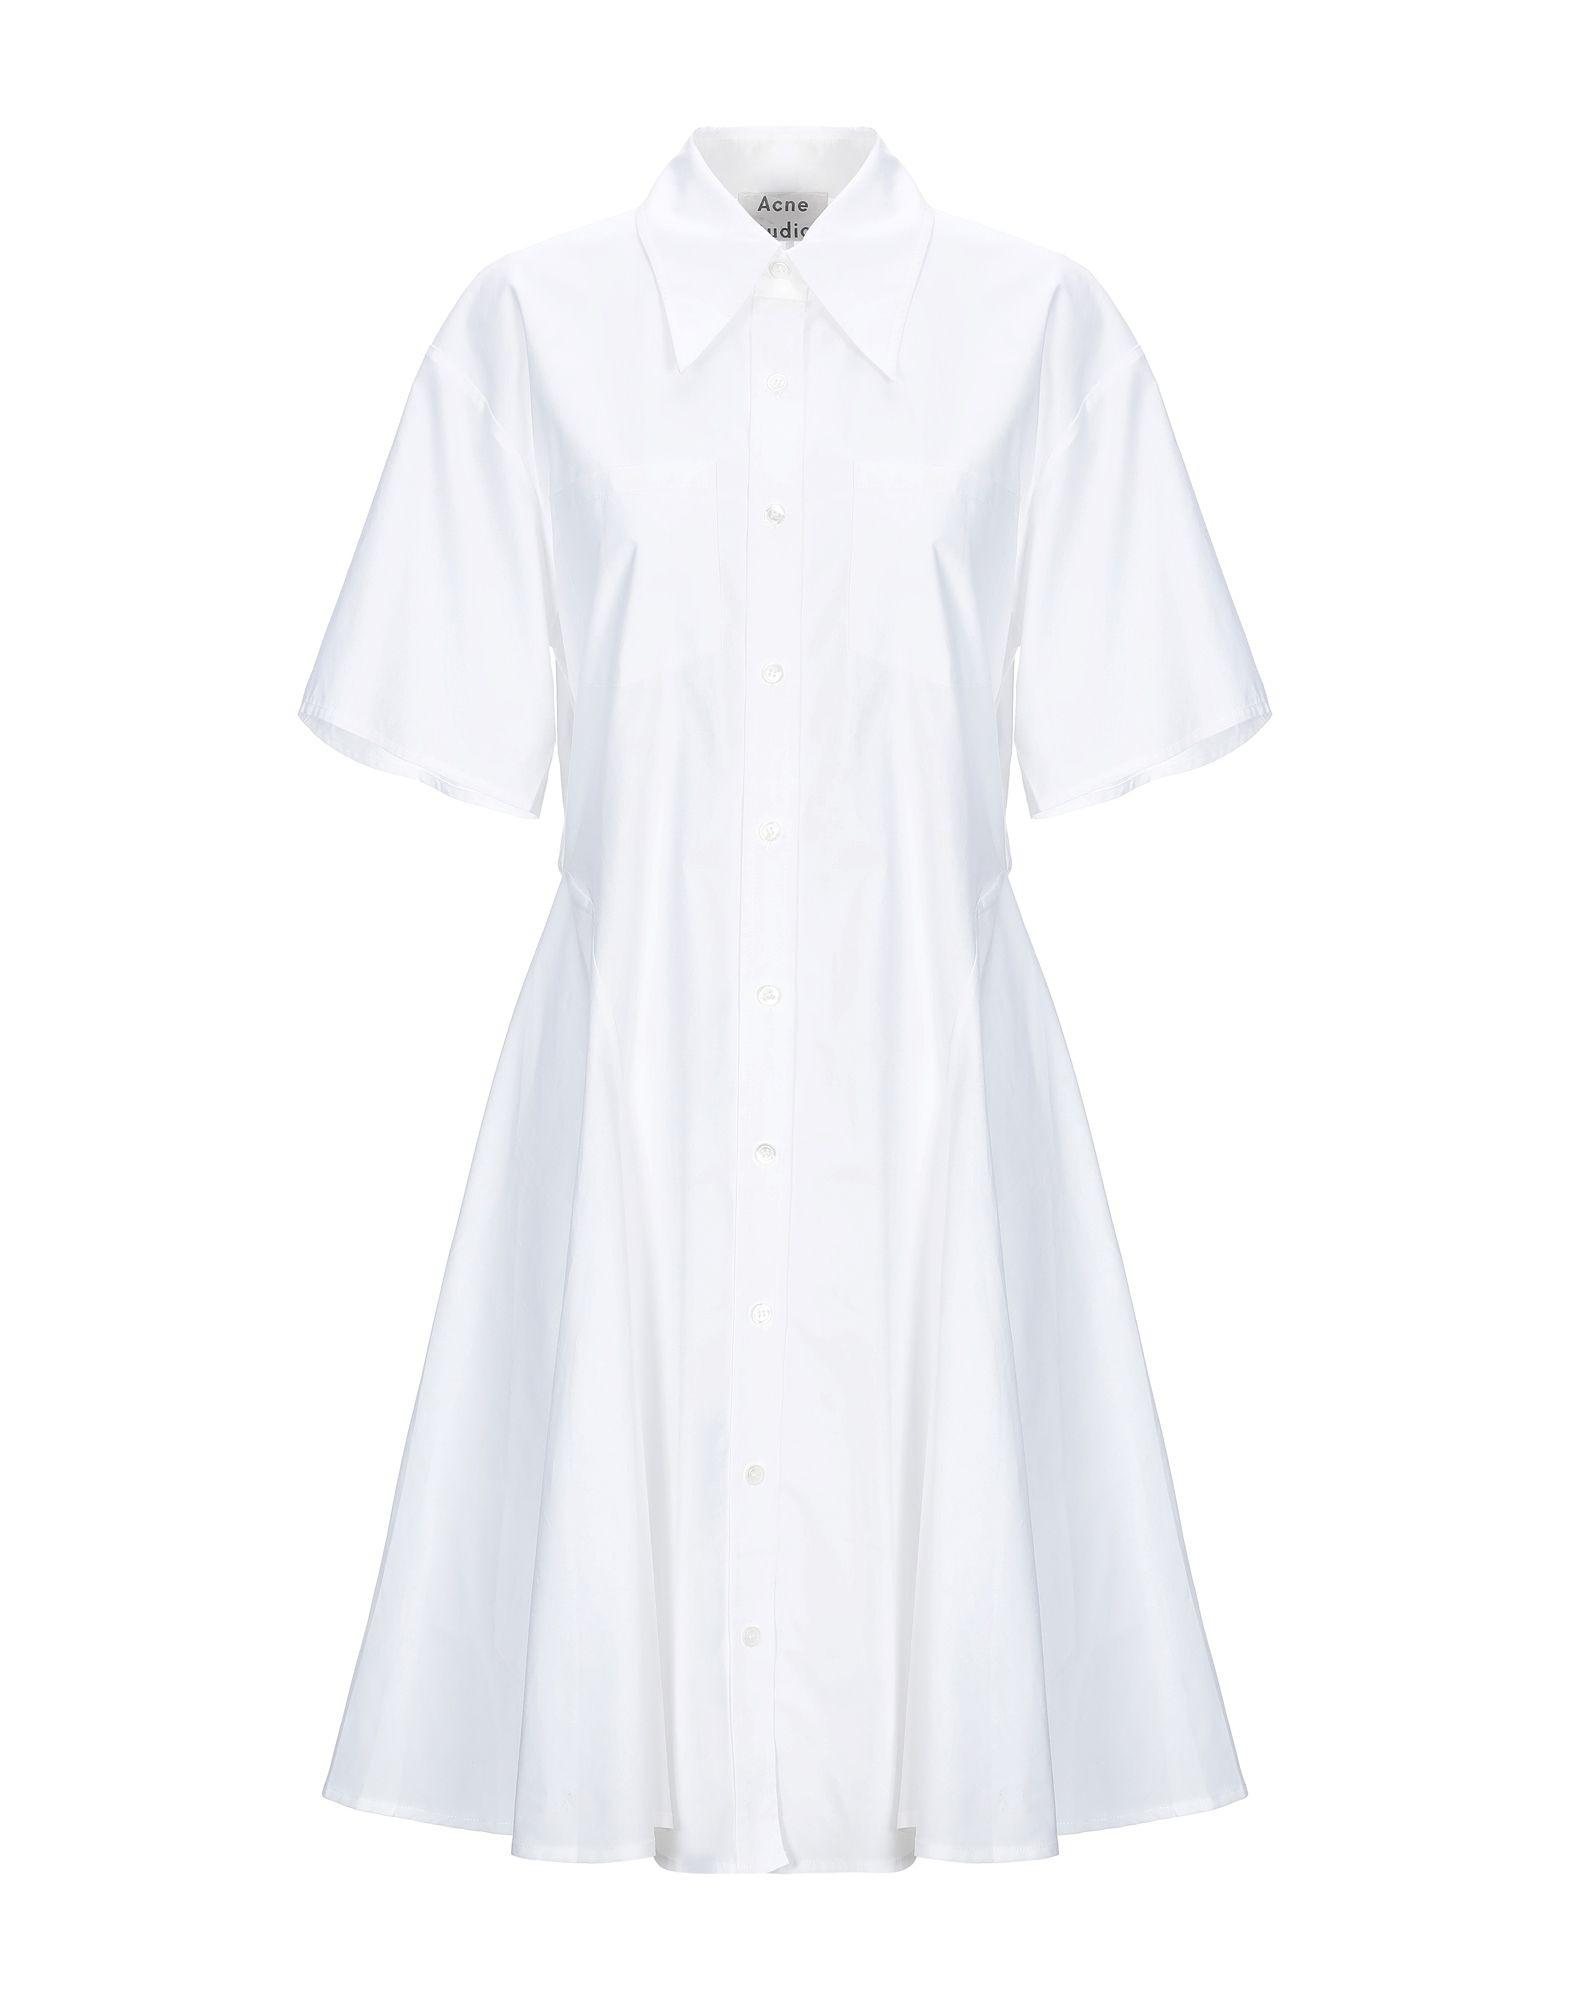 《送料無料》ACNE STUDIOS レディース ミニワンピース&ドレス ホワイト 34 コットン 100%